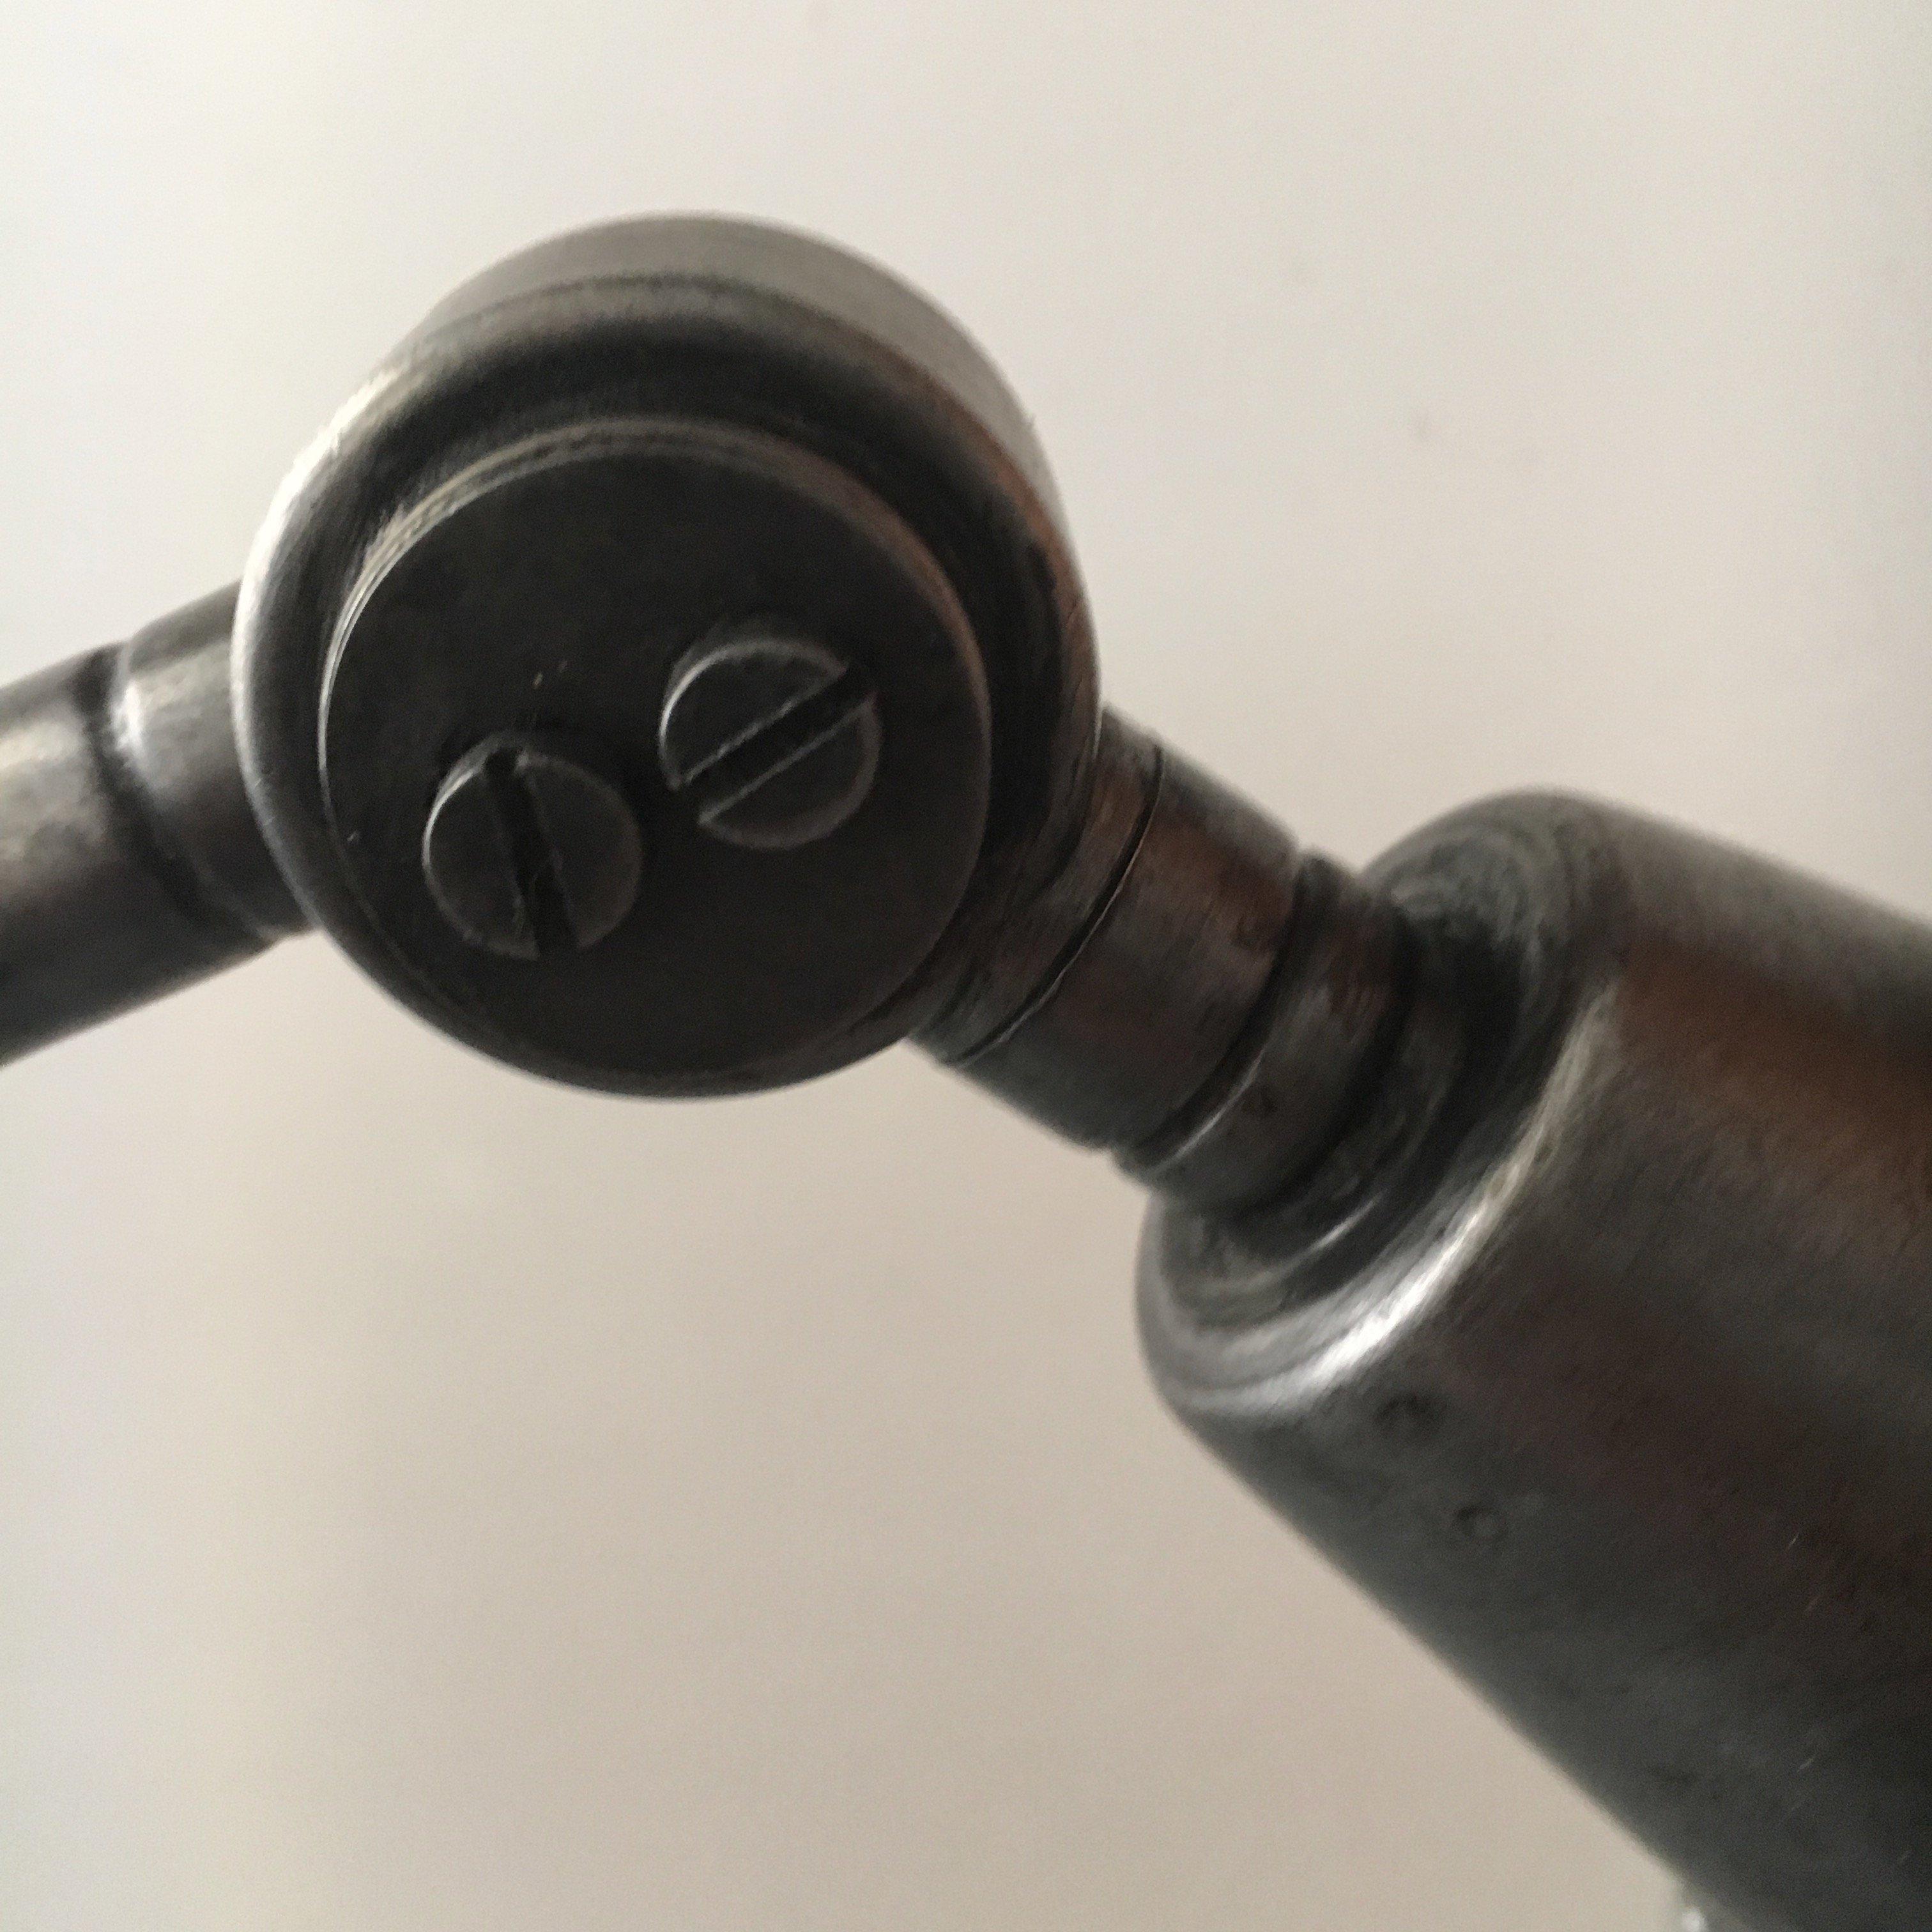 midgard bureaulamp detail 1